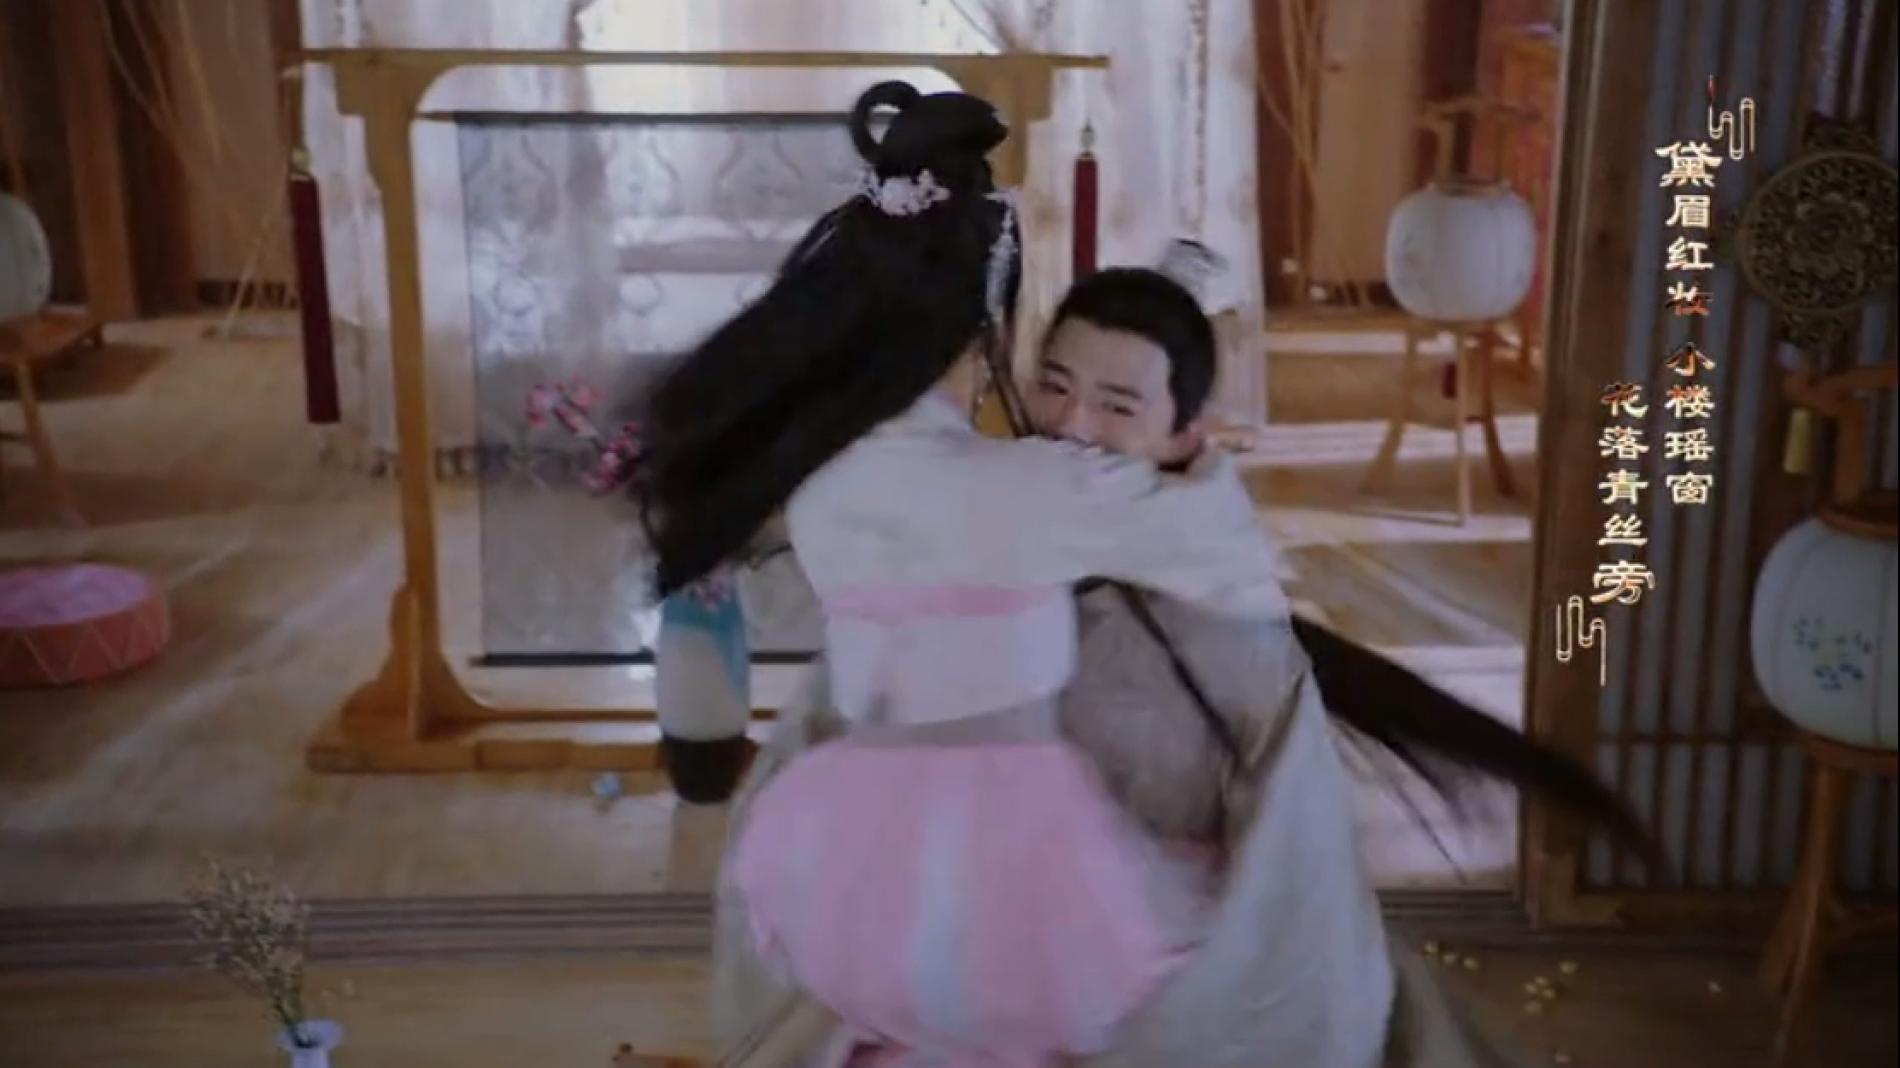 明月一见到李谦,熊跳王爷身上变挂件,王爷咧嘴抱媳妇转圈圈